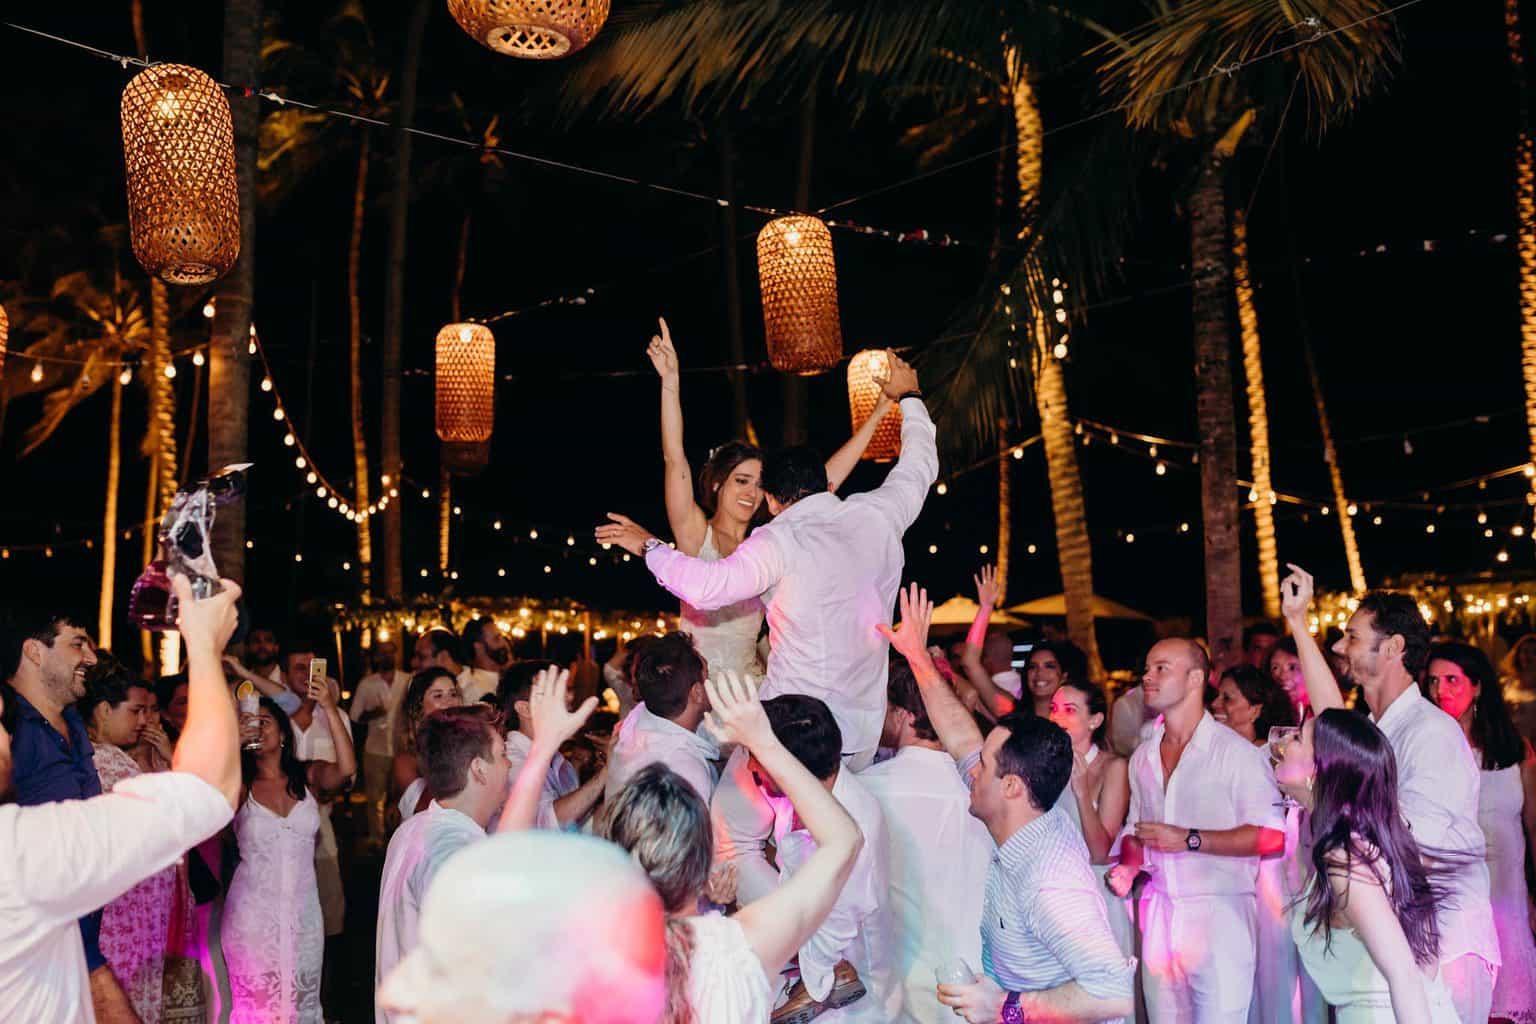 casamento-Danielle-e-Guilherme-aloha-fotografia-caseme-136